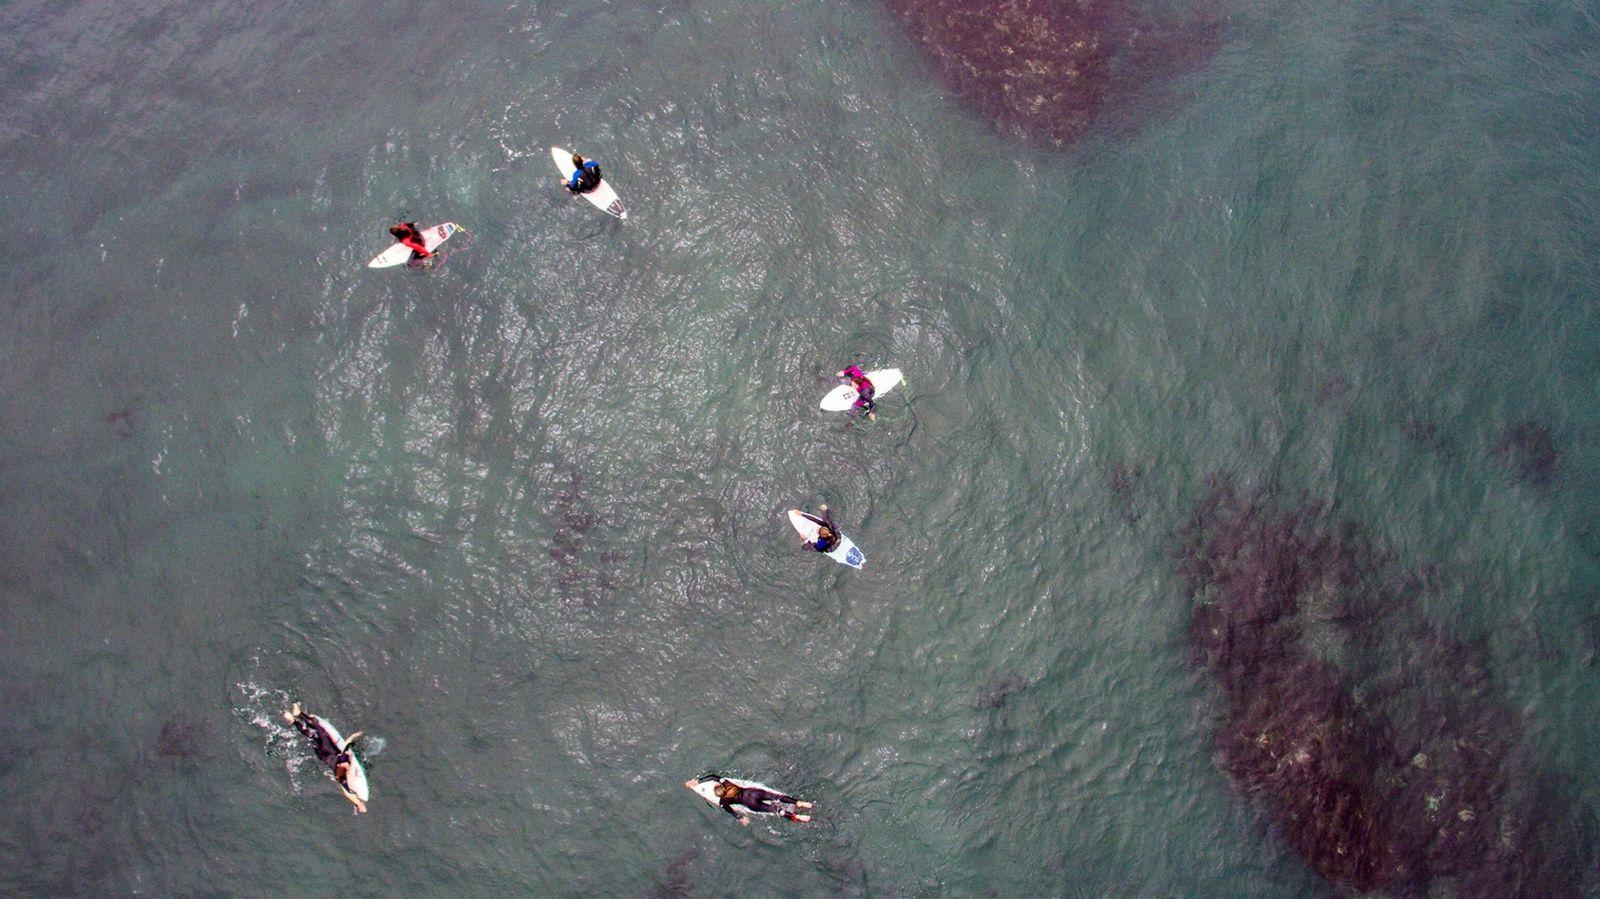 Las surfistas esperan las olas